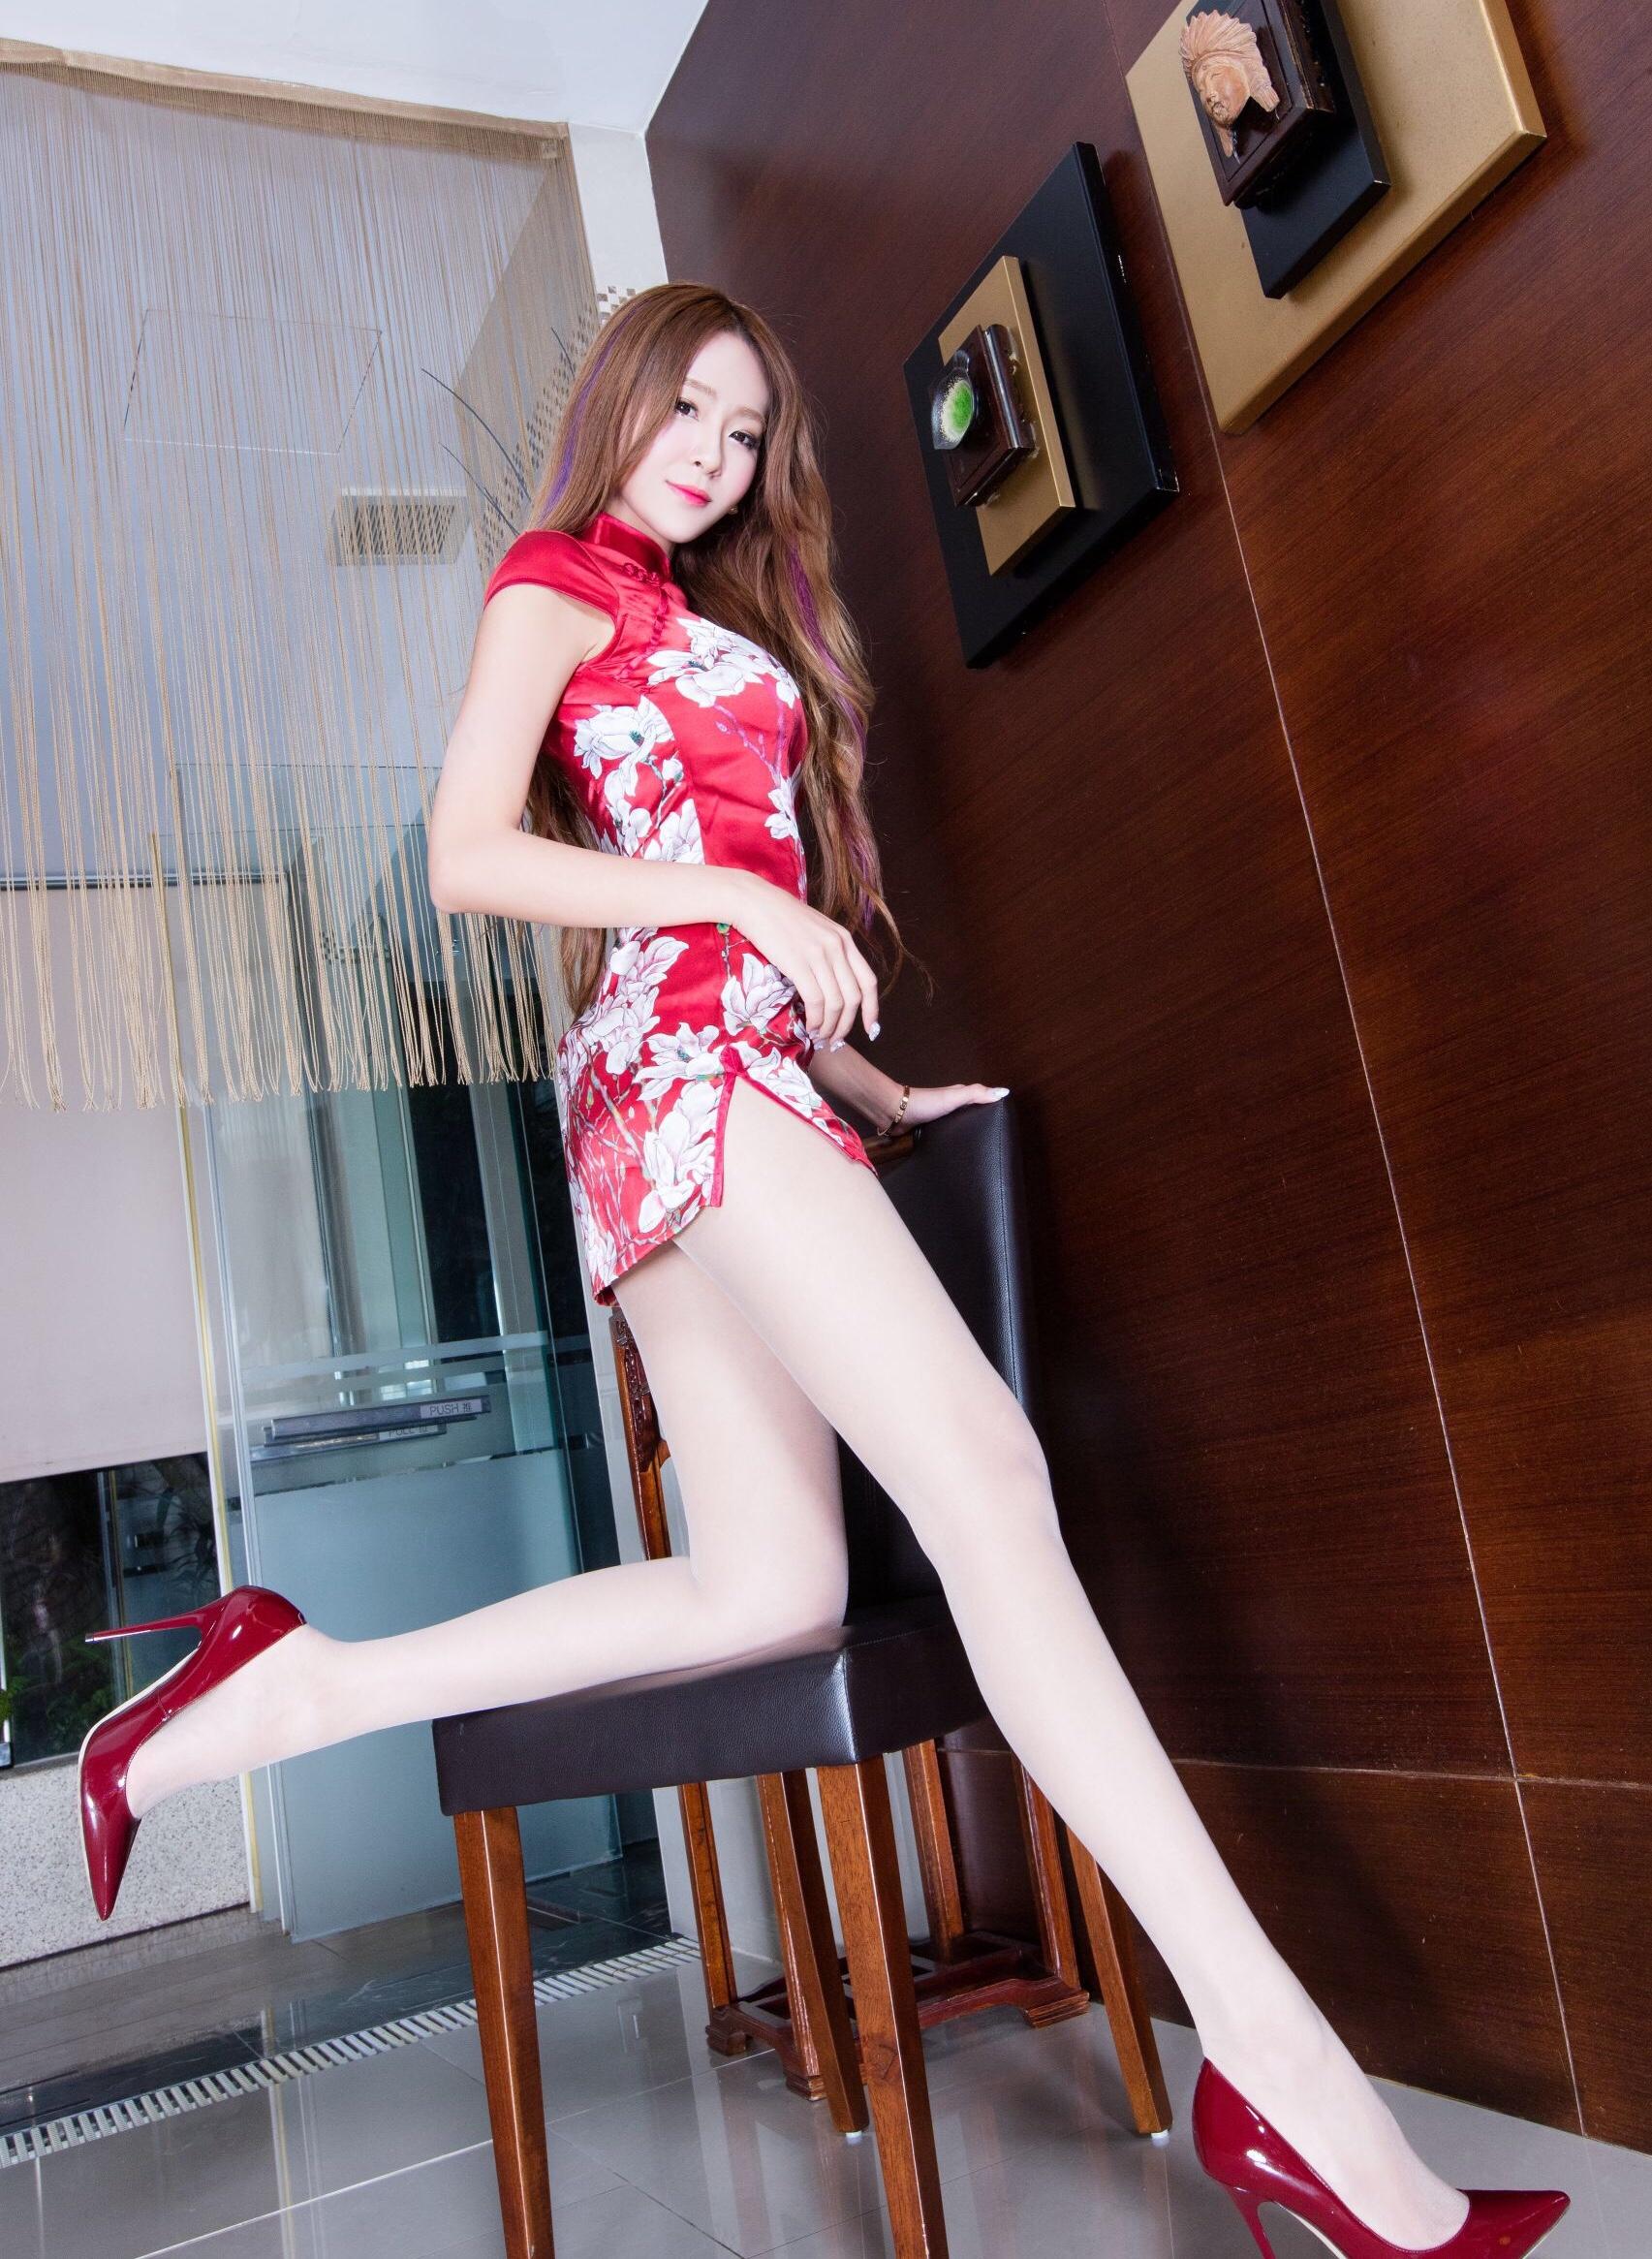 赤チャイナドレスを着たBEAUTYLEG Winnieの美脚 11